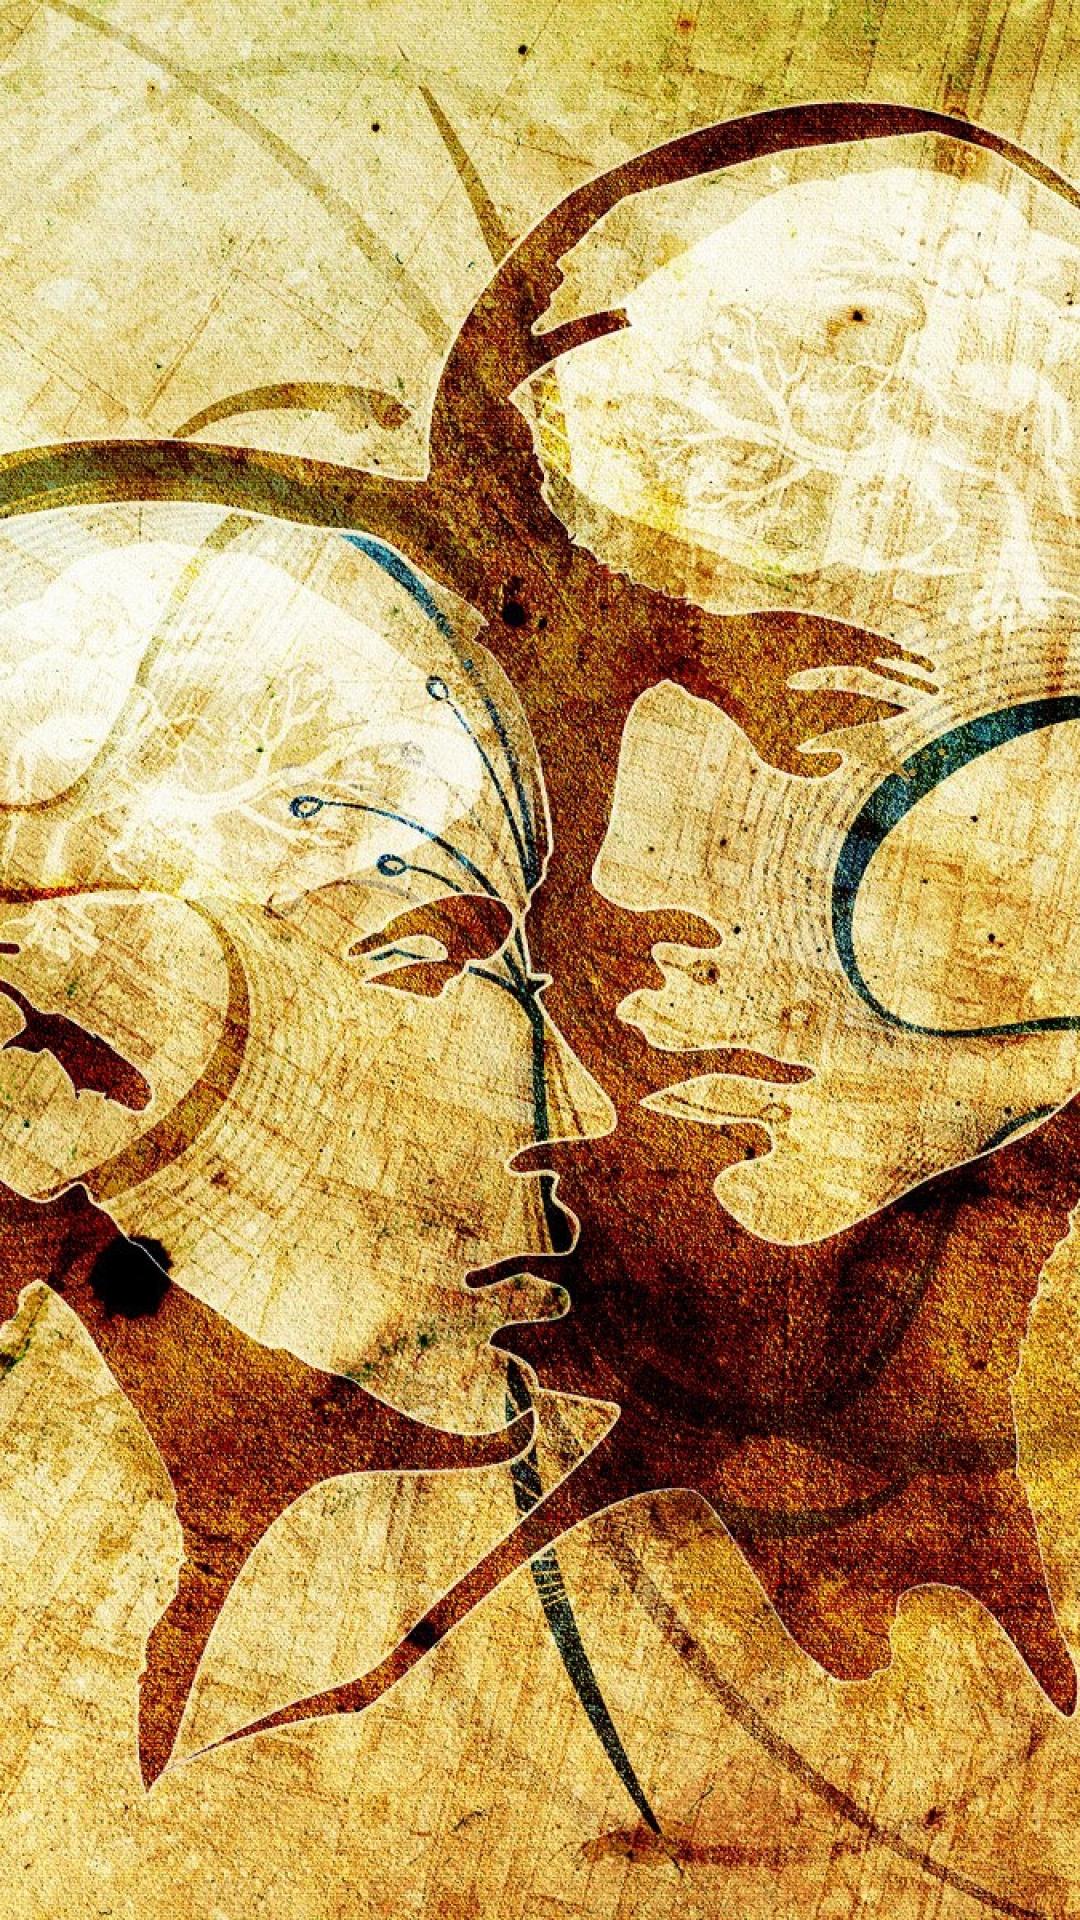 Desktop Wallpaper Hd 3d Full Screen Thanksgiving 1080 X 1920 Wallpapers Vertical Hd Pixelstalk Net